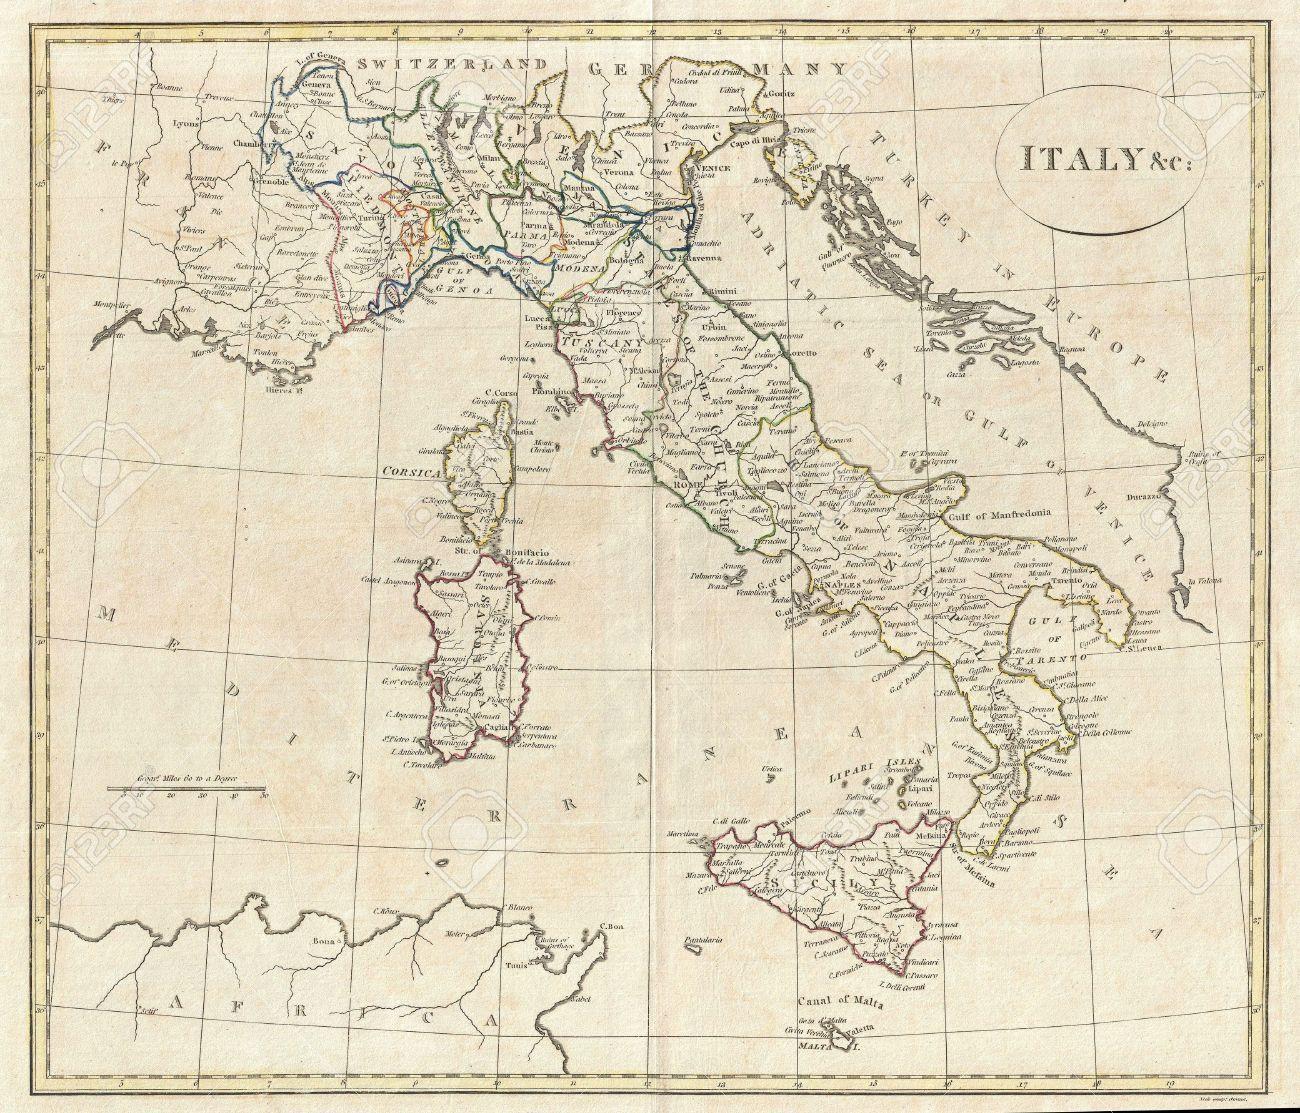 Gammal Karta Italien.Gammal Karta Over Italien Karta Over Italien Gamla Sodra Europa